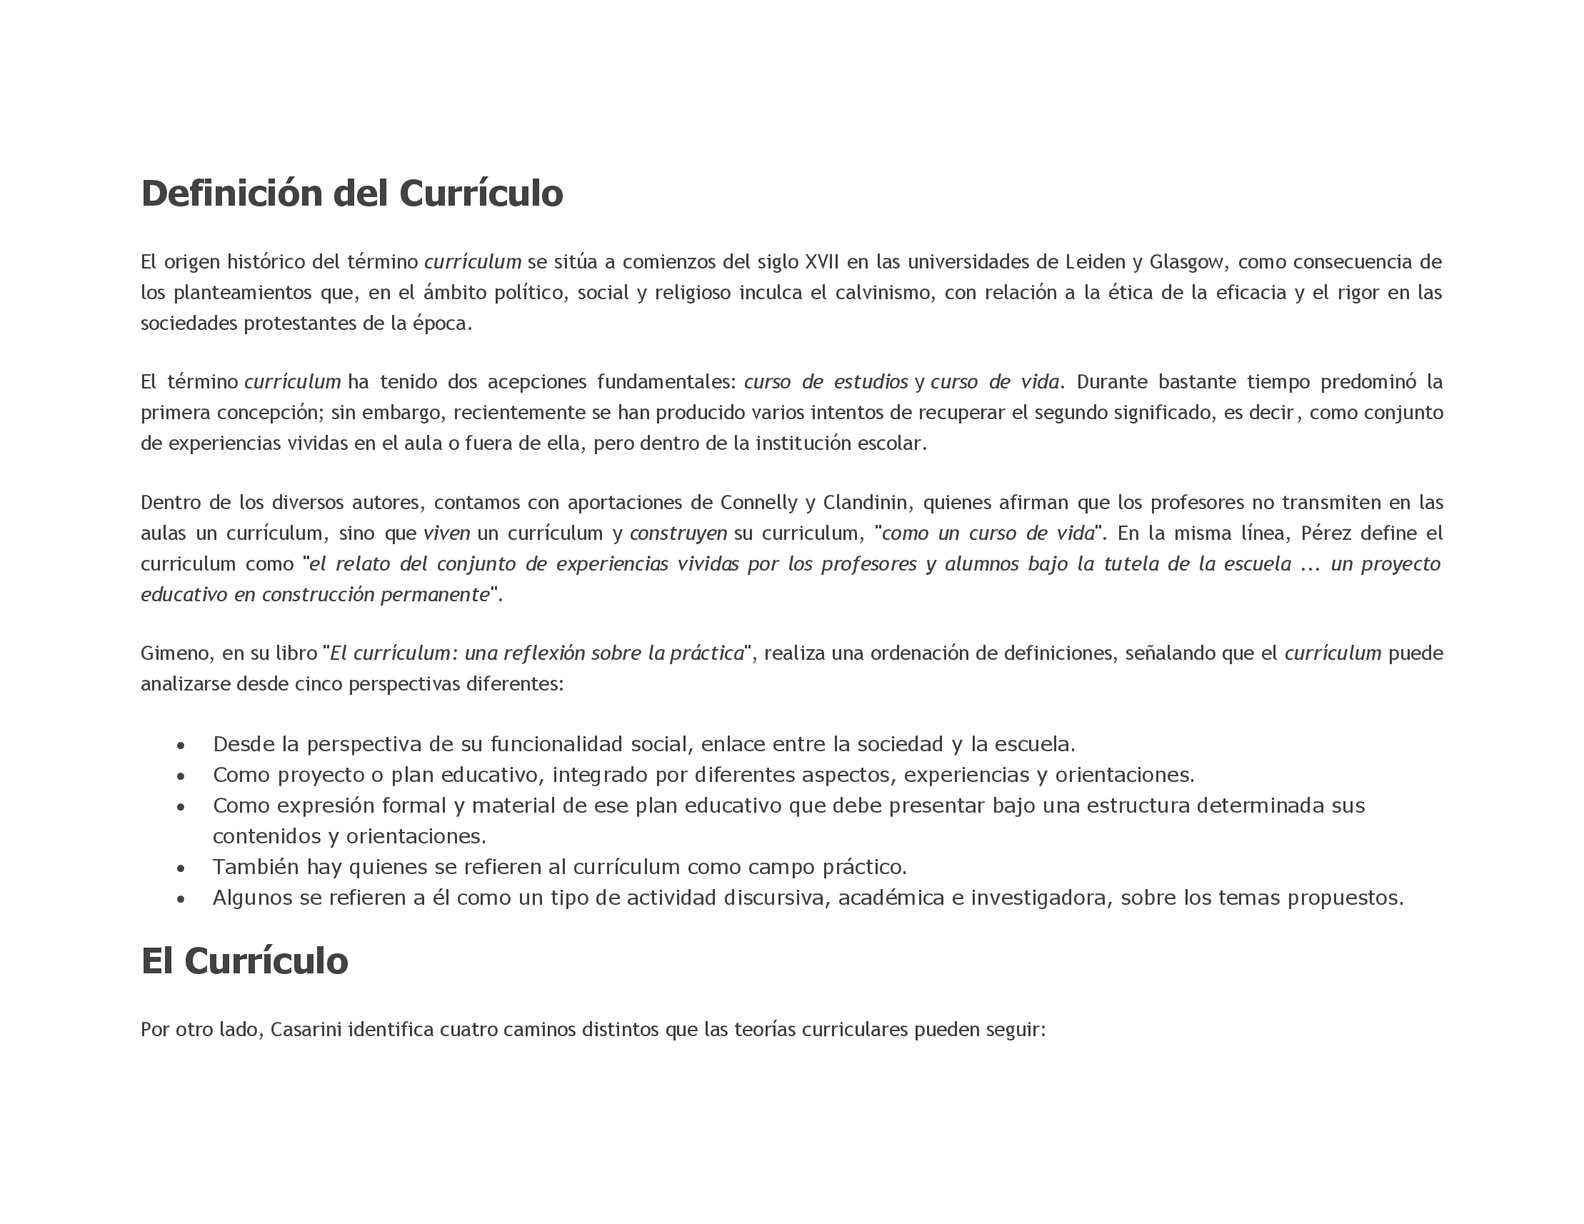 Calaméo - Definición del Currículo